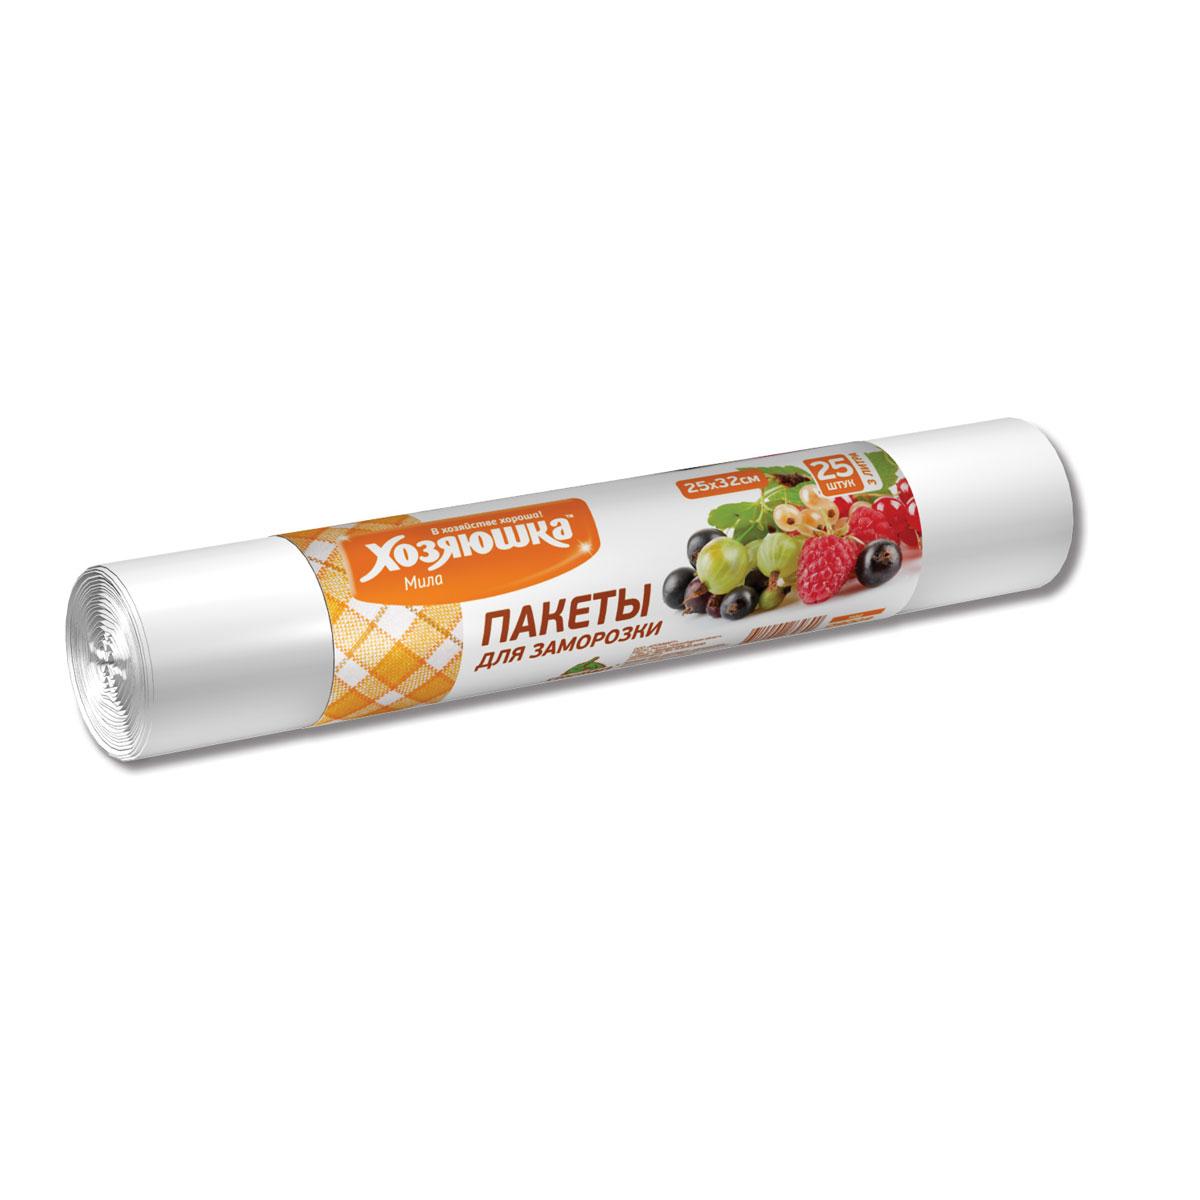 Пакеты для замораживания и хранения Хозяюшка Мила, 3 л, 25 шт лонгслив printio michael jackson